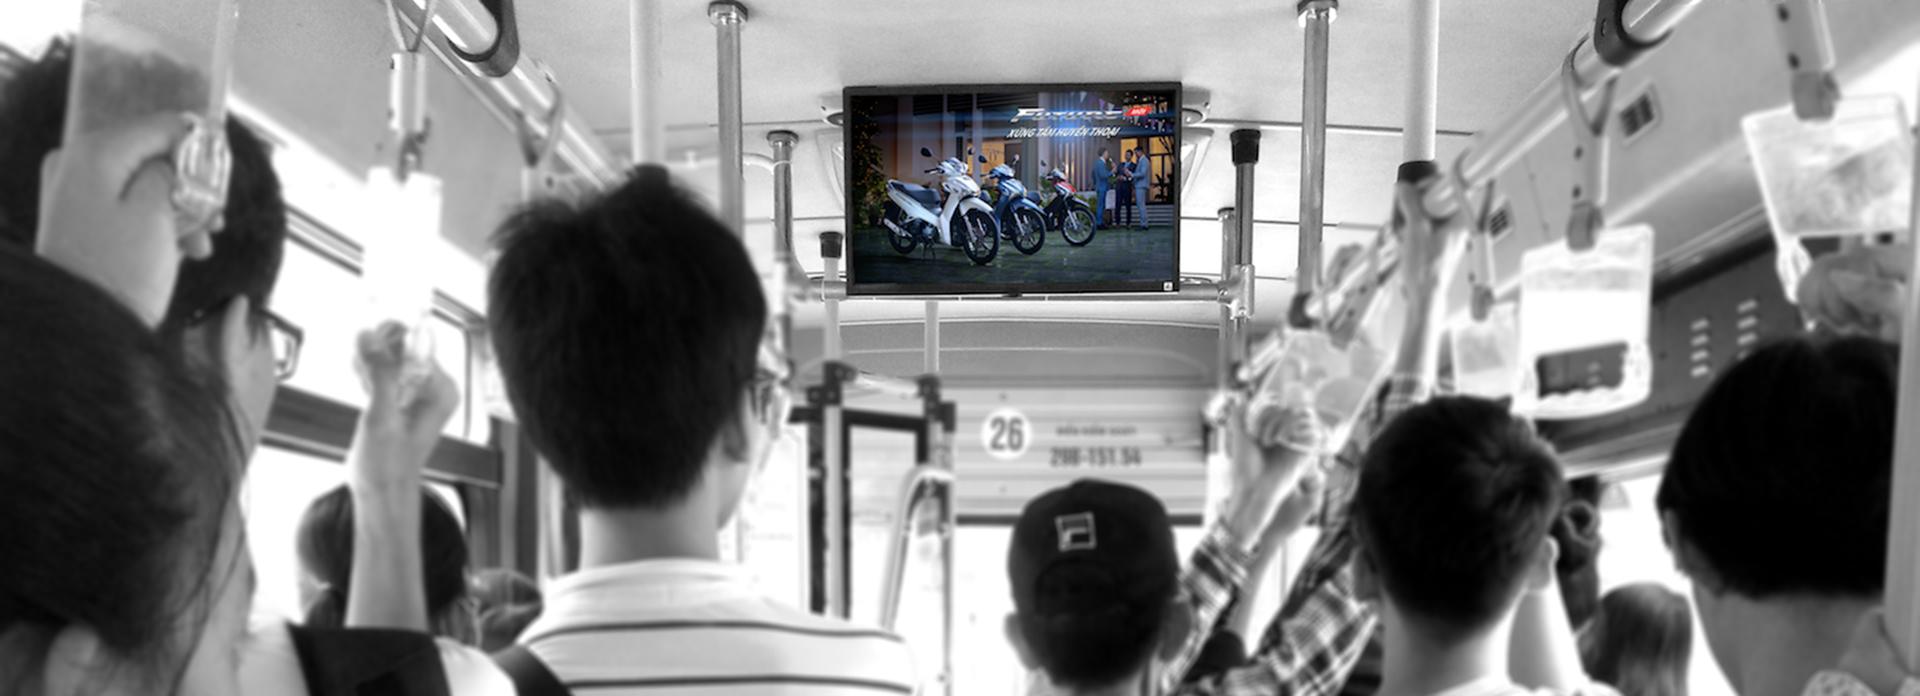 Công nghệ quảng cáo 4.0 mới nhất